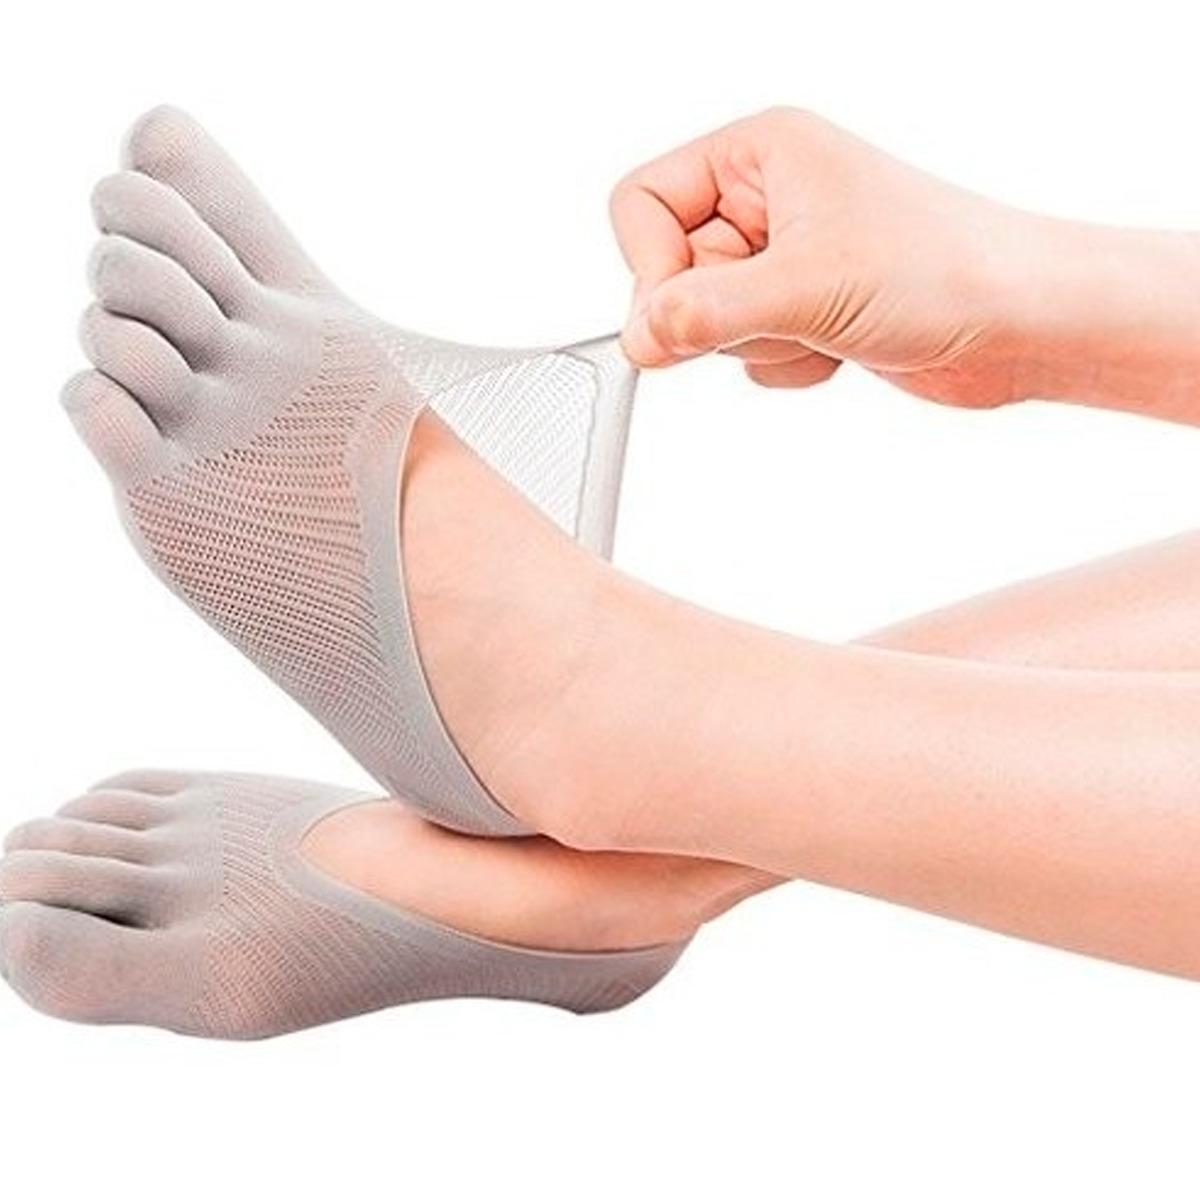 Calcetines Protectores De Pie Medias Para Dedos Del Pie Transpirable Y Discreto